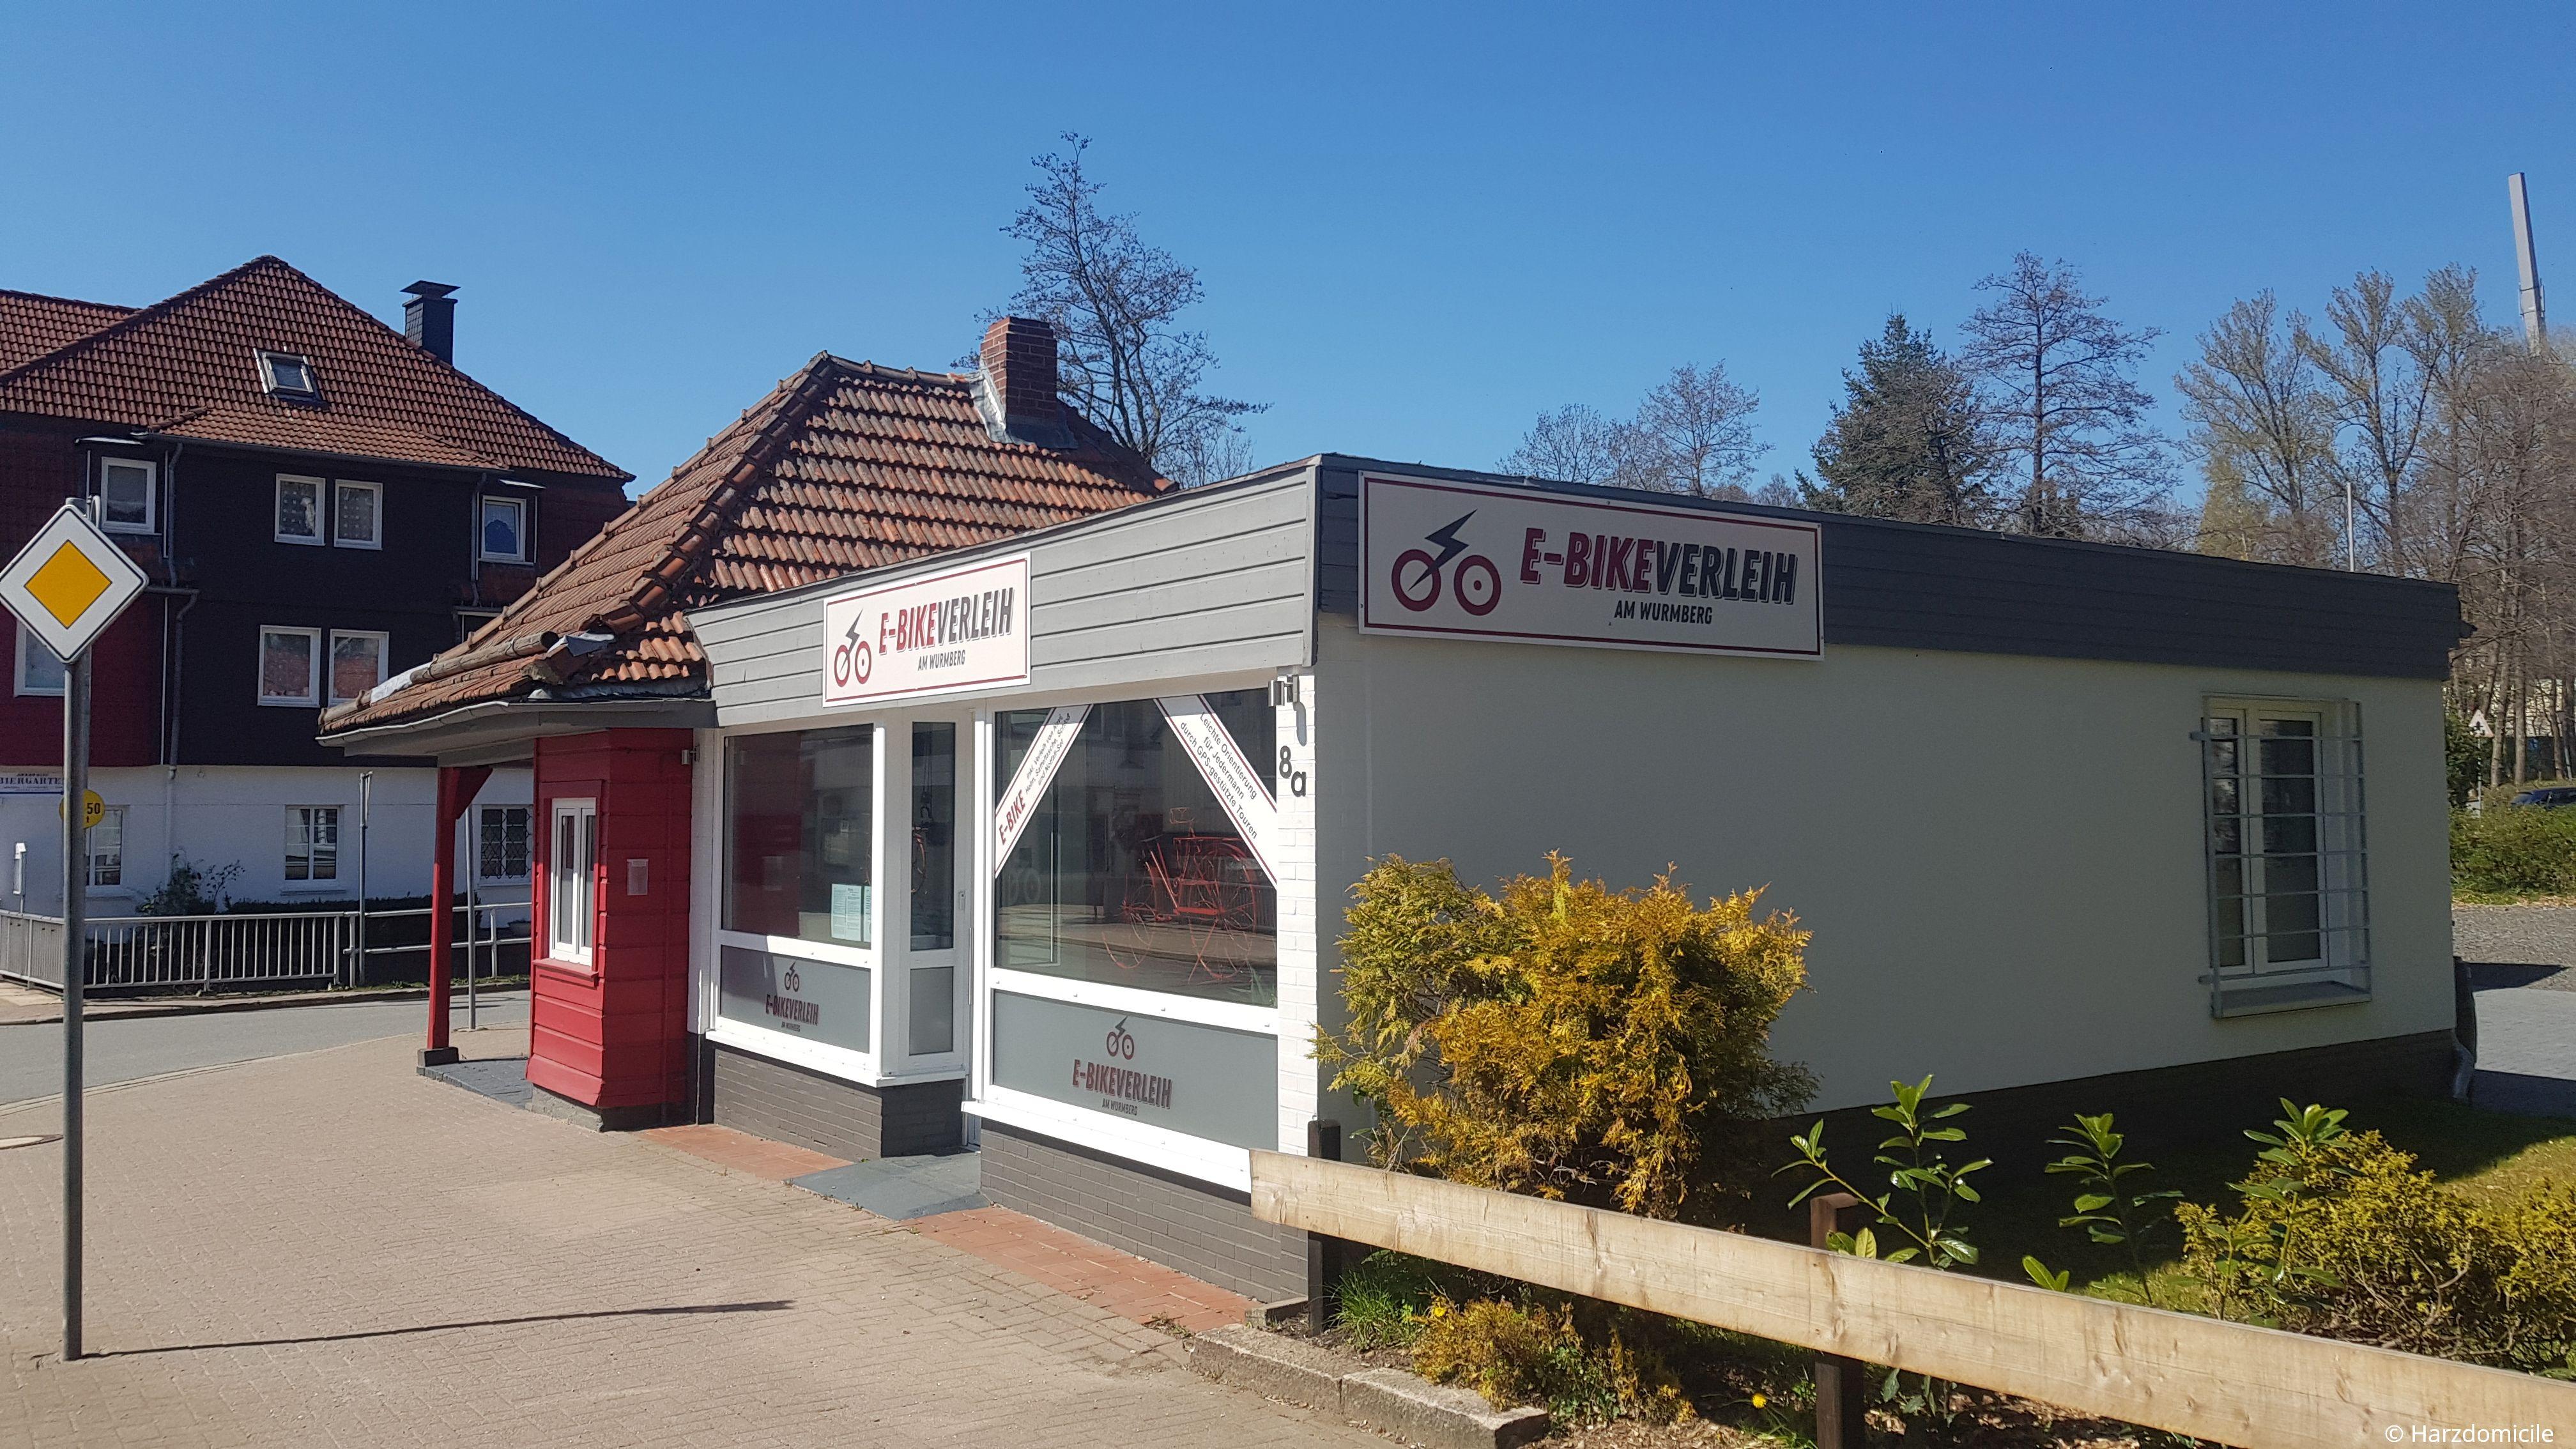 """Außenaufnahme des Fahrradverleihs """"E-Bikeverleih am Wurmberg"""" in Braunlage in der Elbingeröder Str. 8a"""